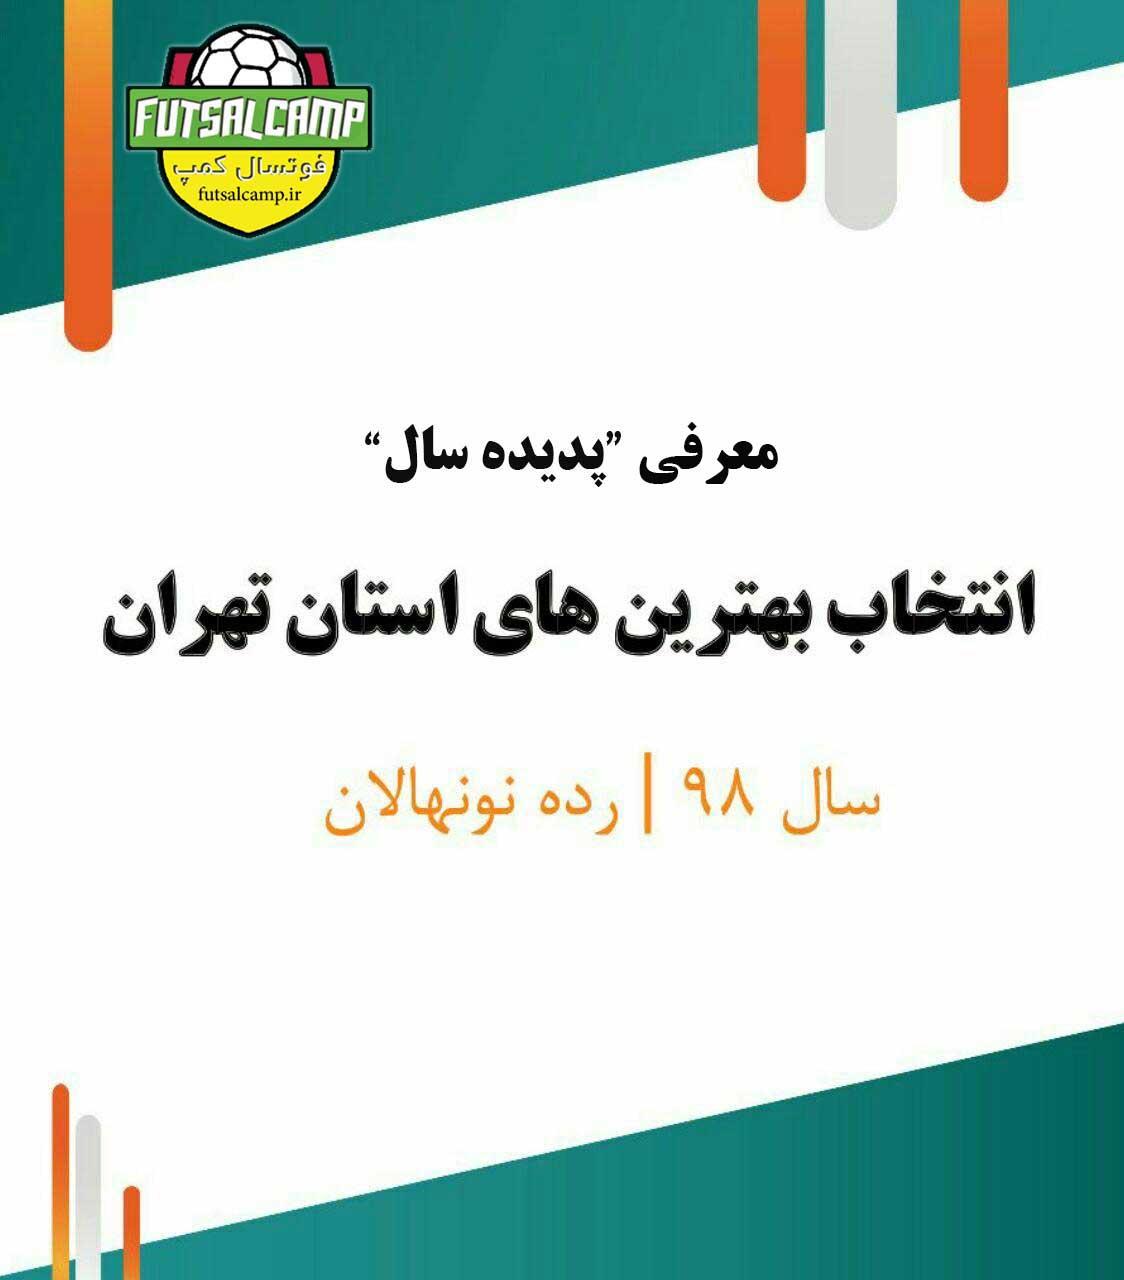 معرفی پدیده سال 98 فوتسال نونهالان تهران